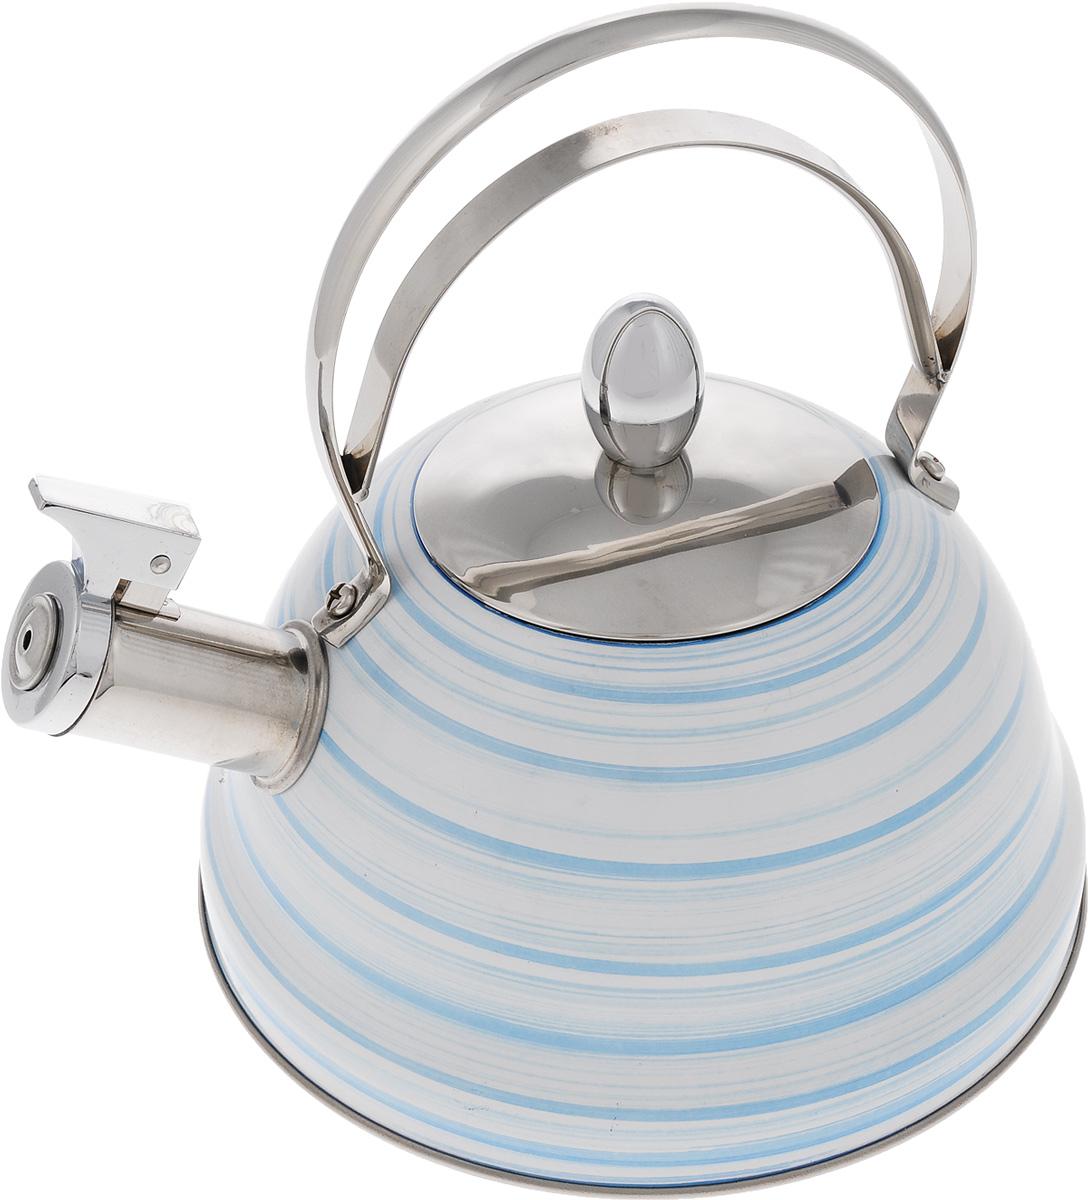 Чайник Mayer & Boch, со свистком, цвет: белый, голубой, стальной, 2,8 л. 21420 чайник mayer & boch цвет стальной бирюзовый золотой 4 л 1046a